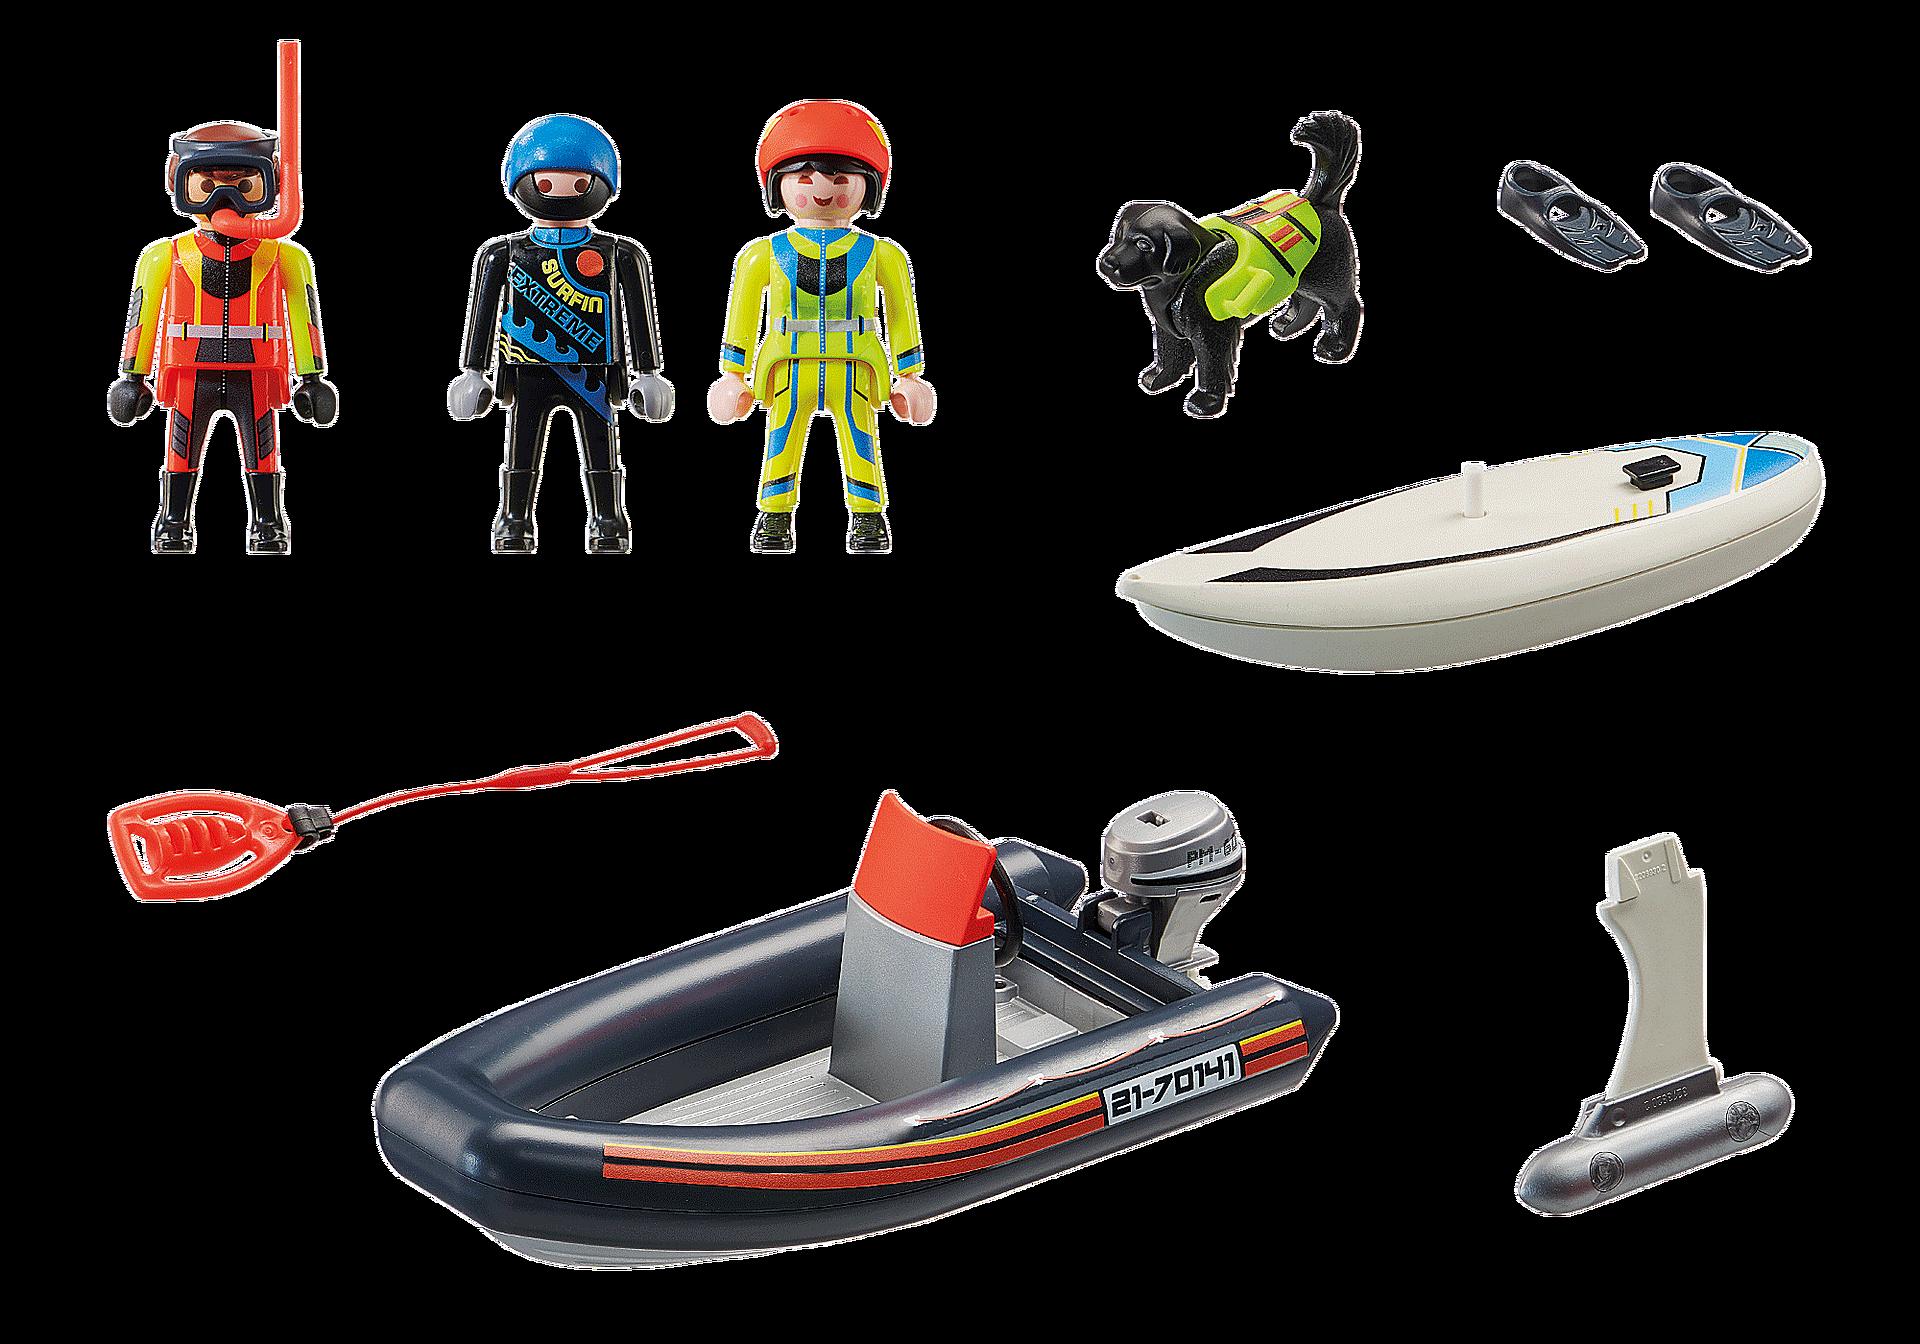 70141 Seenot: Polarsegler-Rettung mit Schlauchboot zoom image3